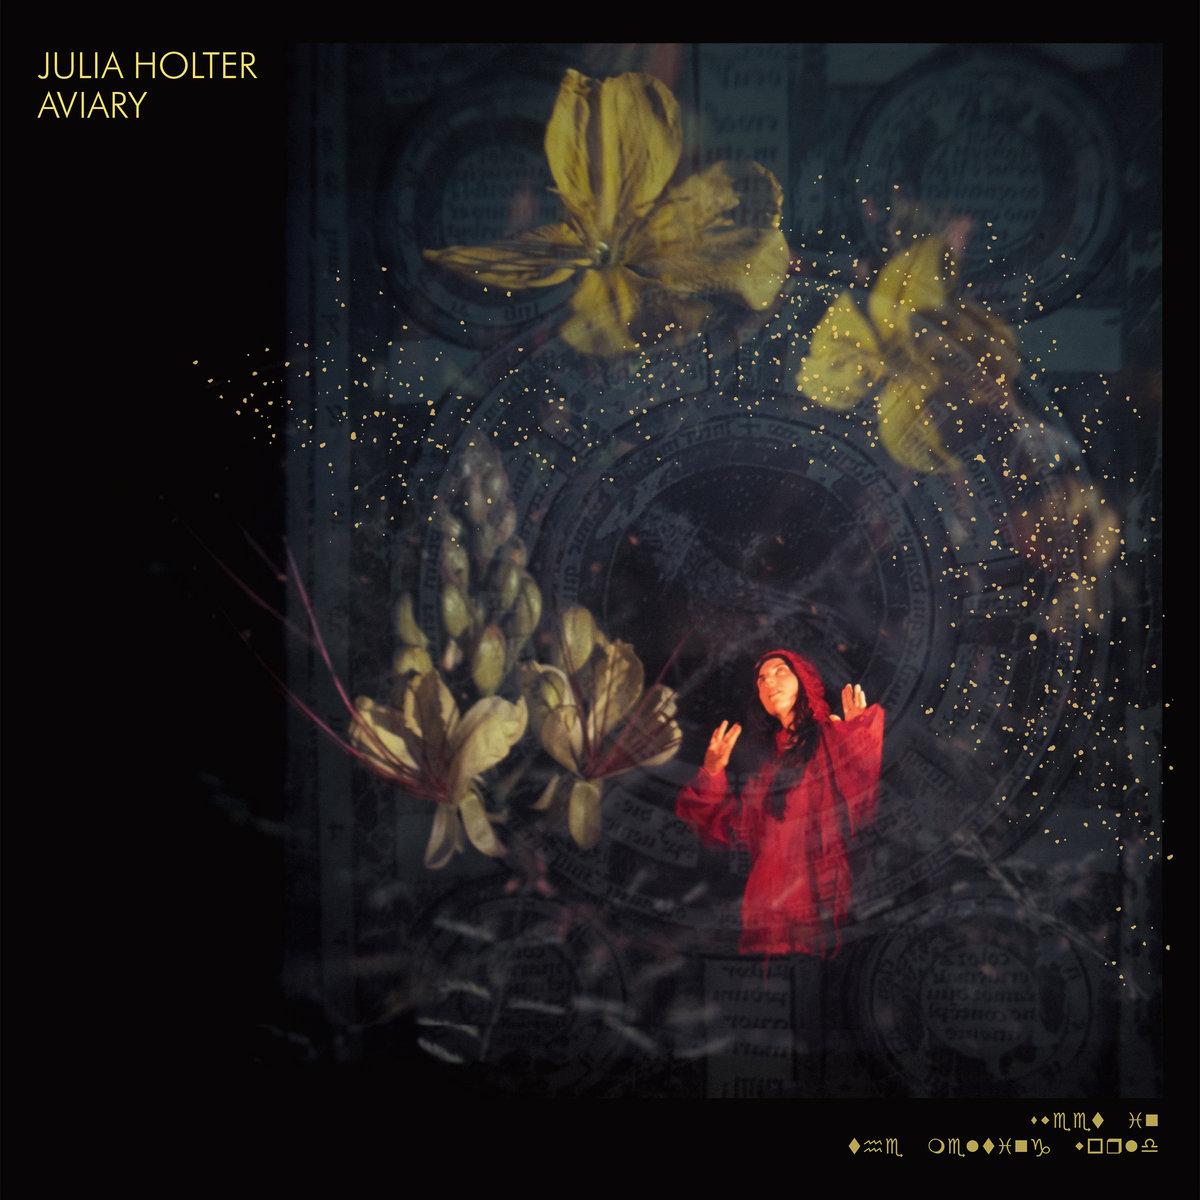 джулия холтер julia holter aviary рецензия альбом 2018